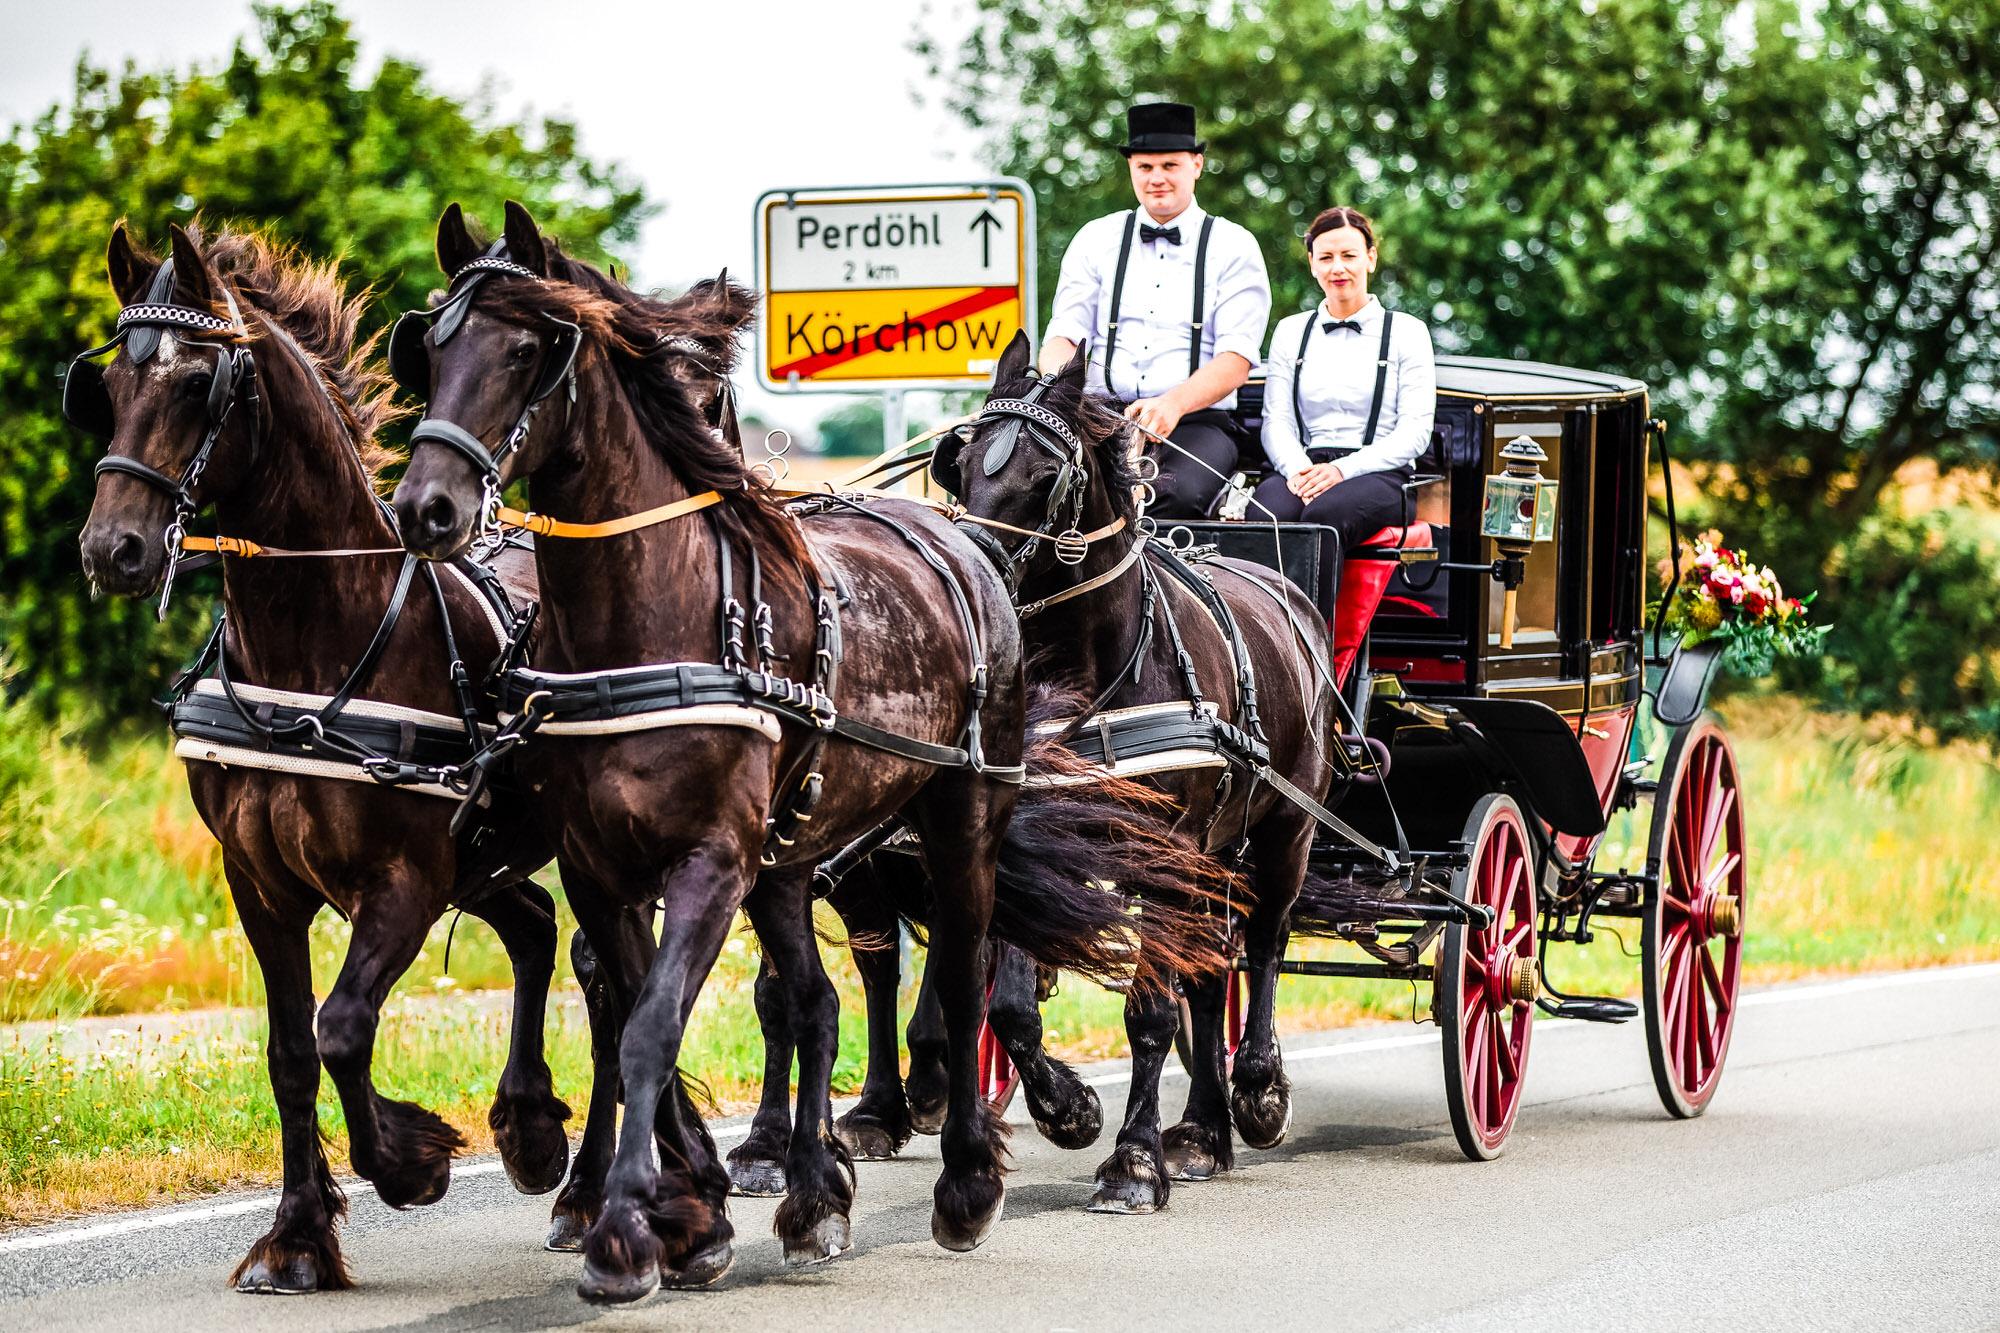 Auf dem Weg zur kirchlichen Trauung in Körchow